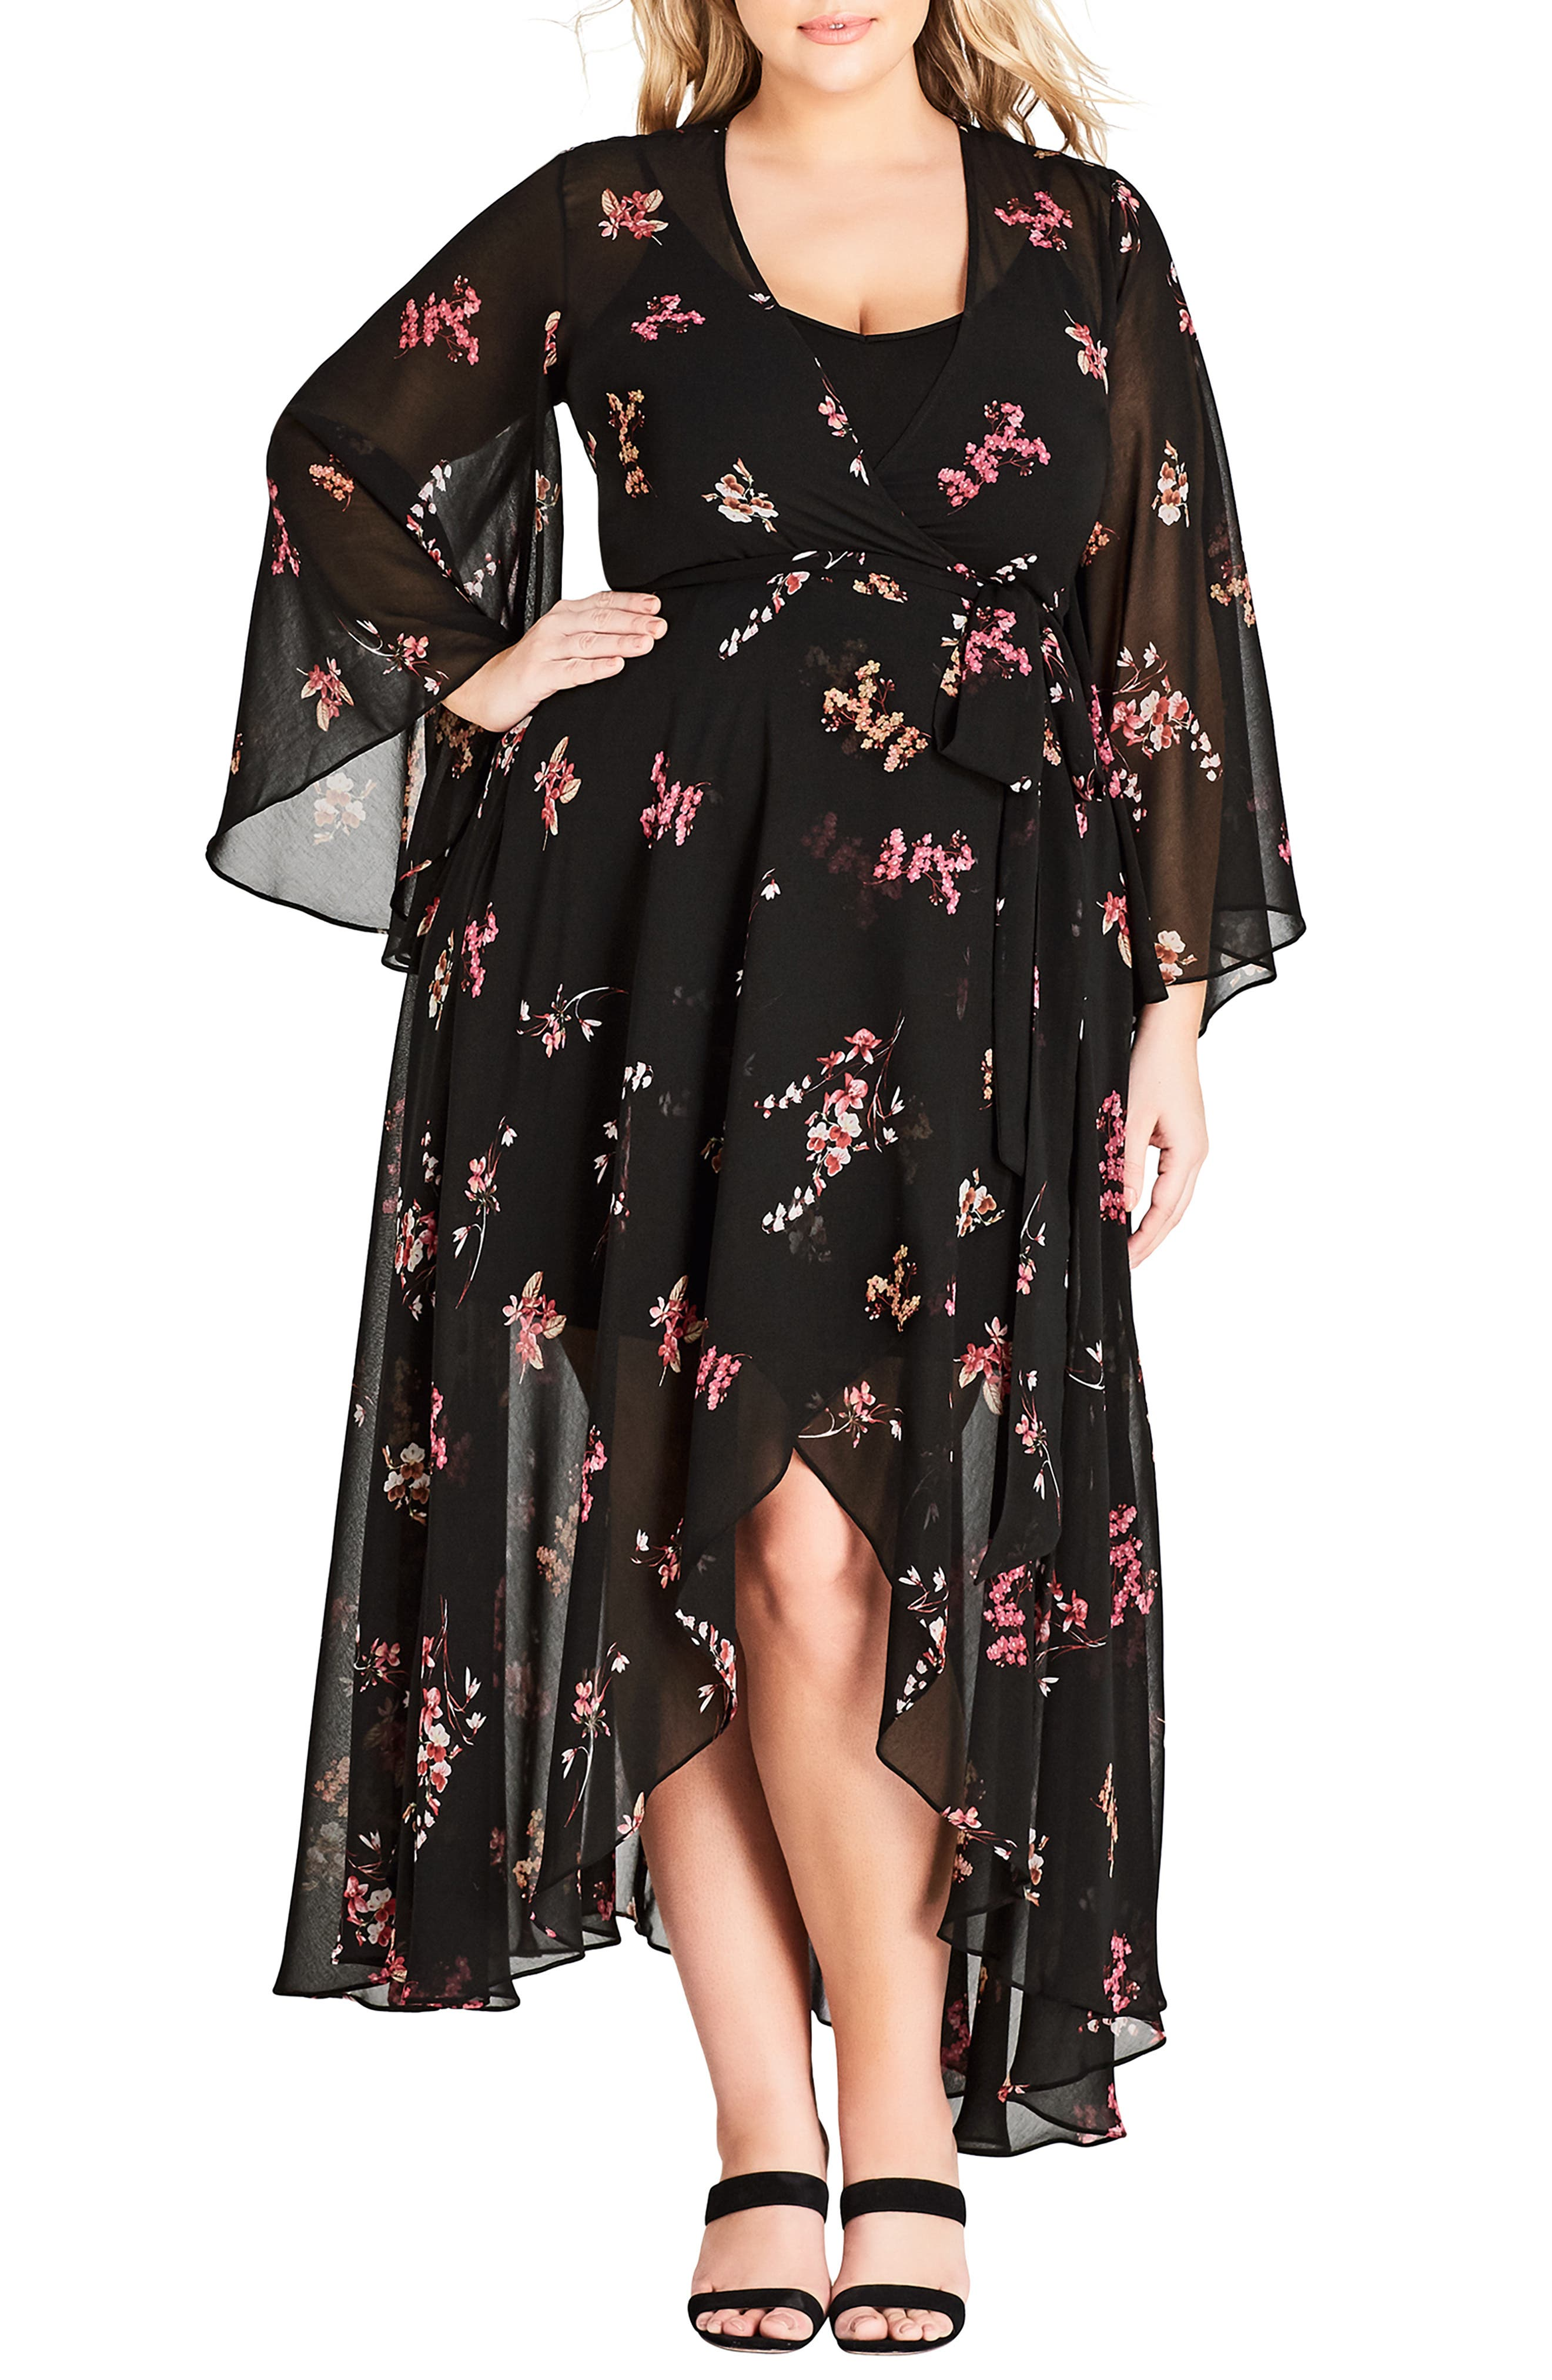 Plus Size City Chic Akira Floral Wrap Style Dress, Black